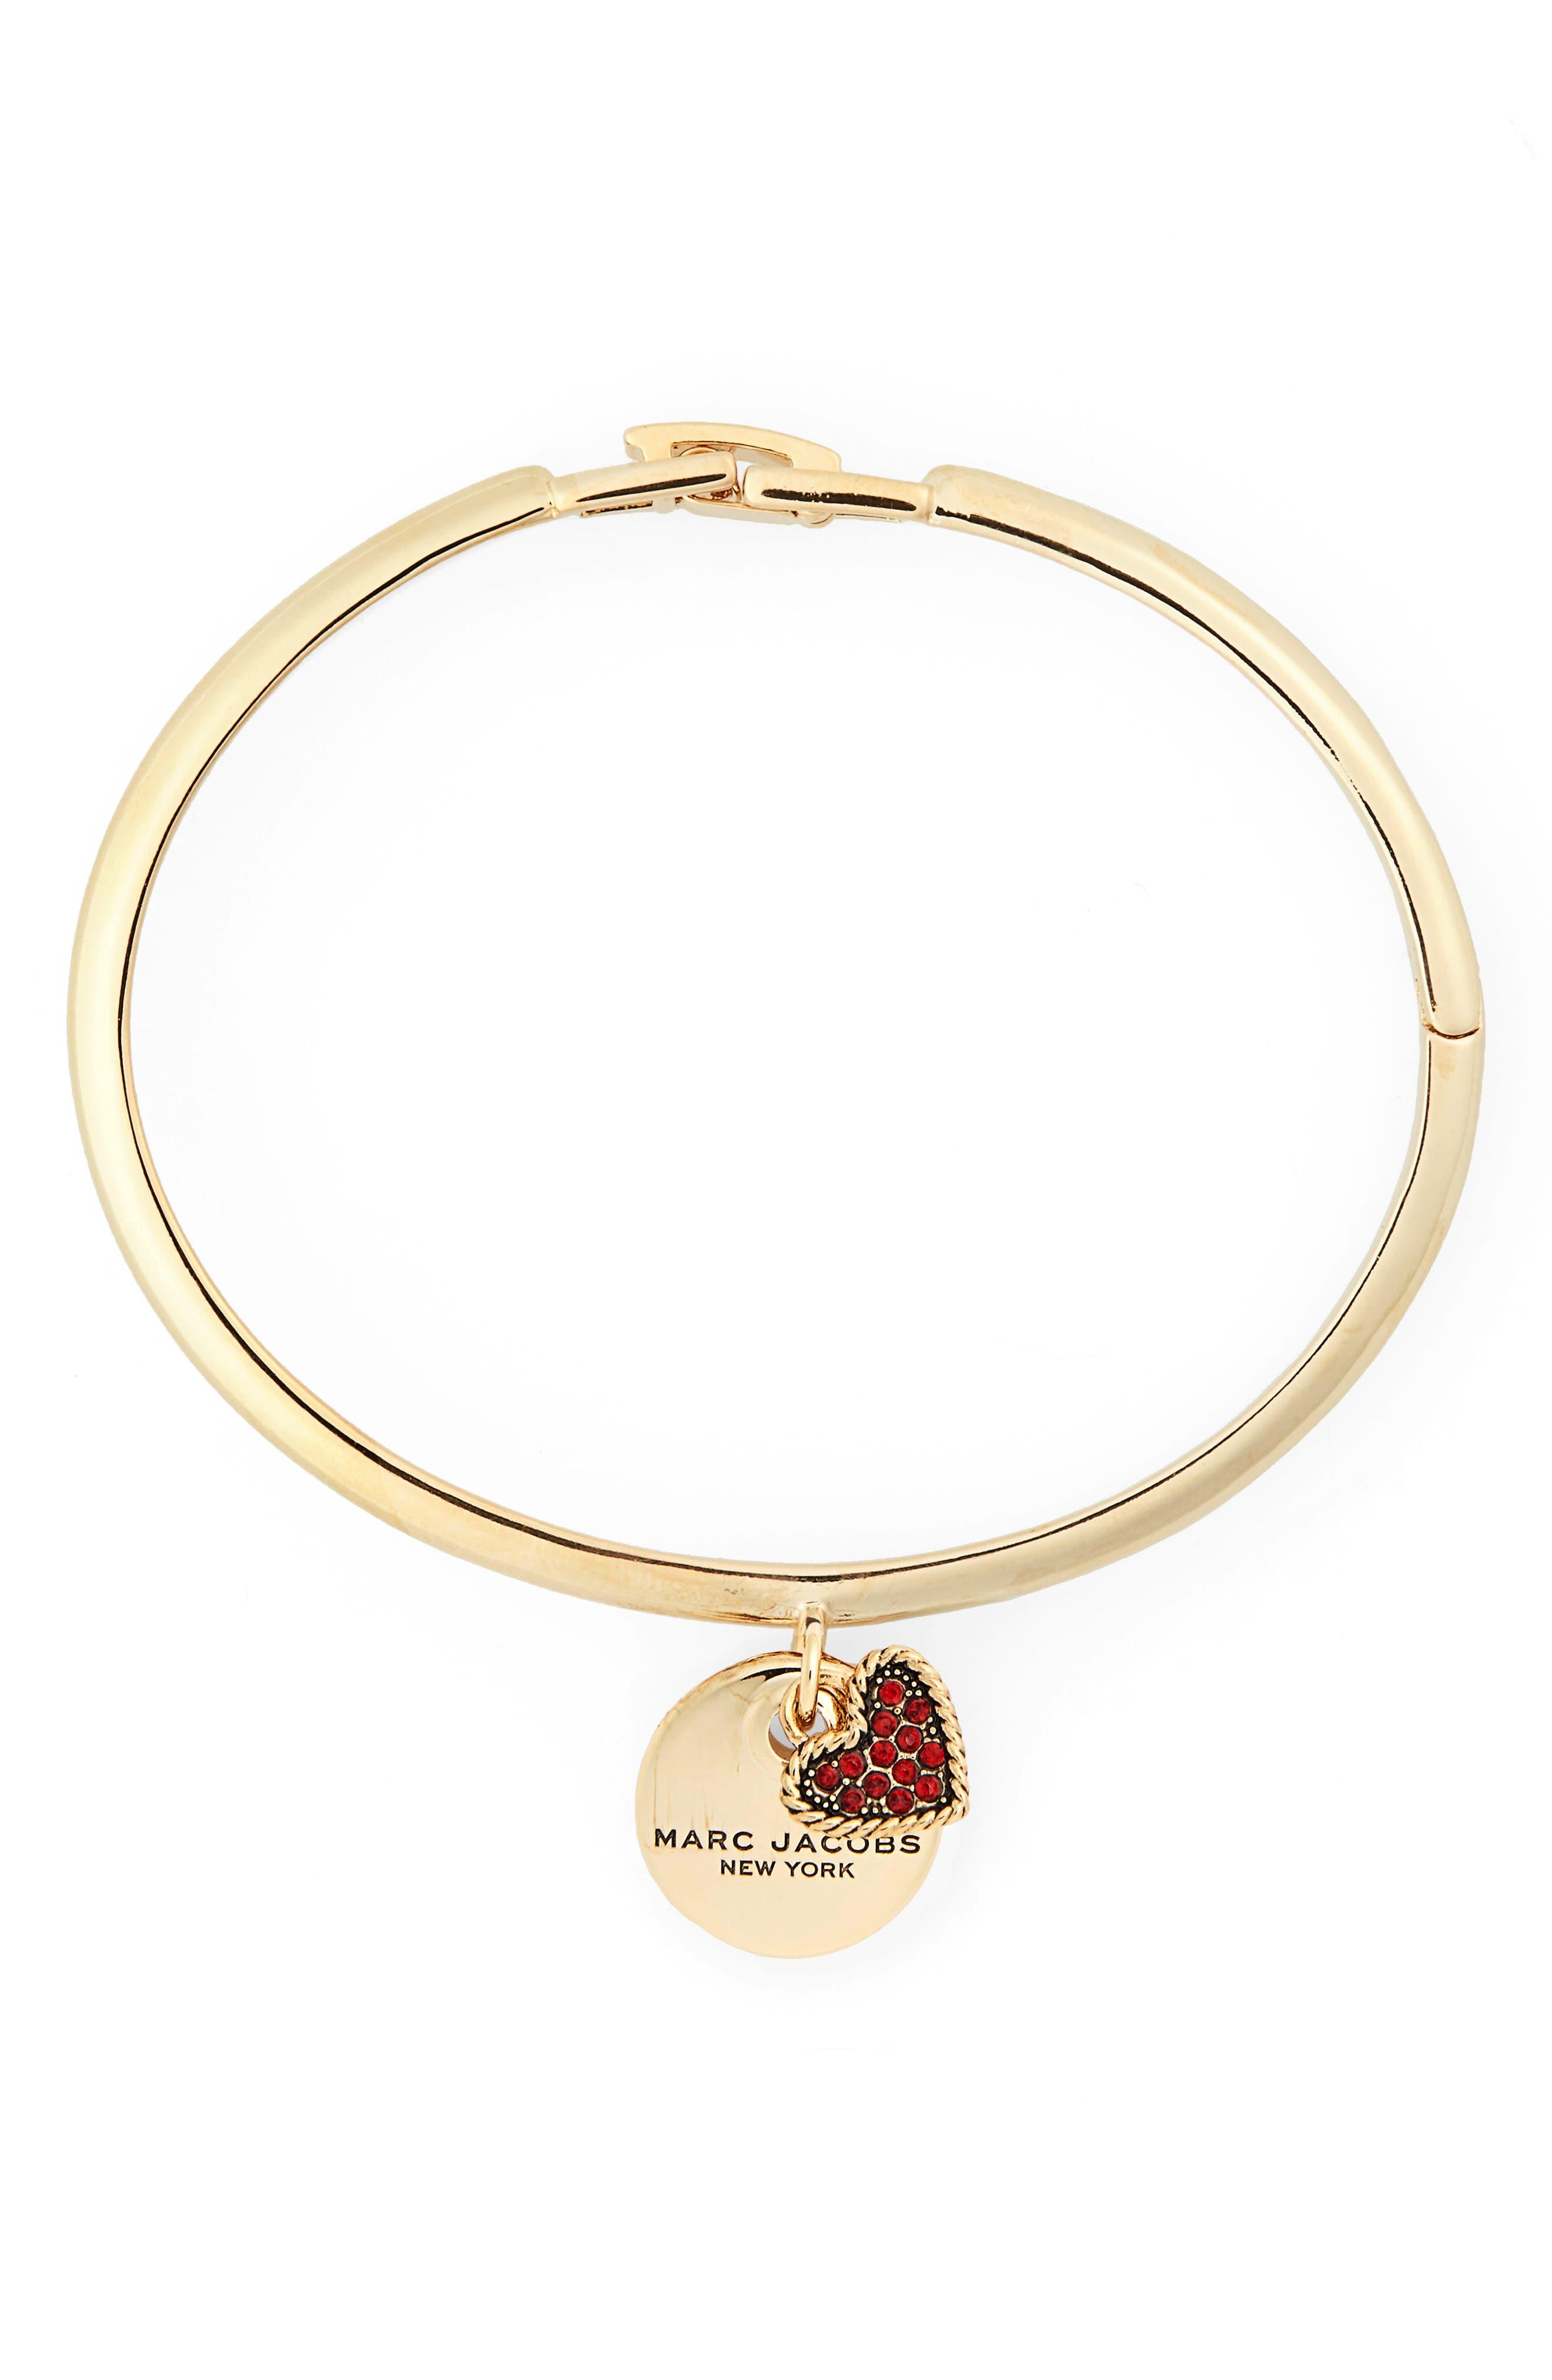 MARC JACOBS Coin Bracelet